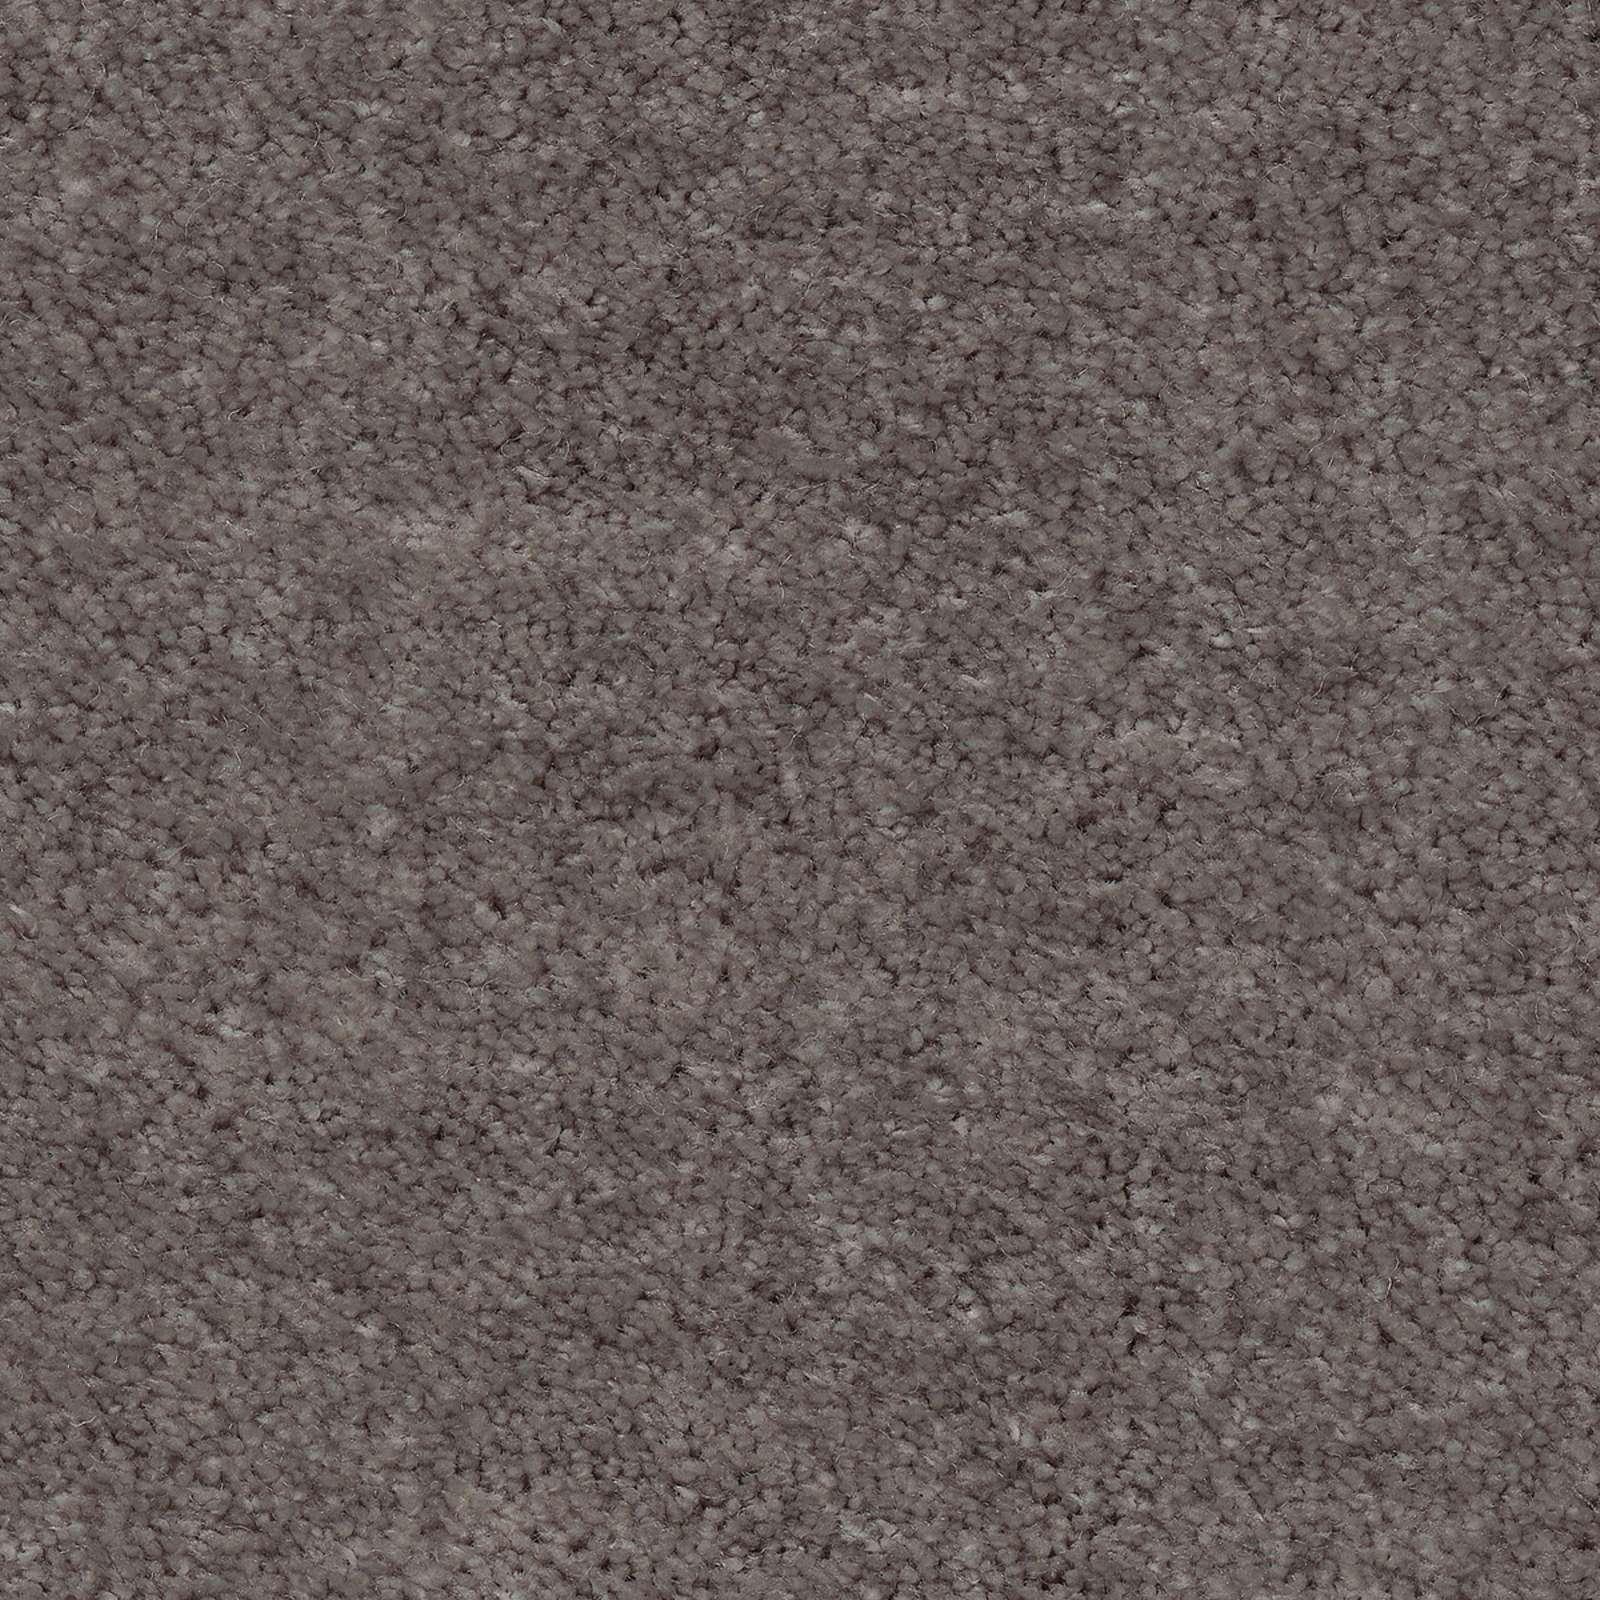 Ковровое покрытие AW Masquerade EUPHORIA 45 серый 4 м